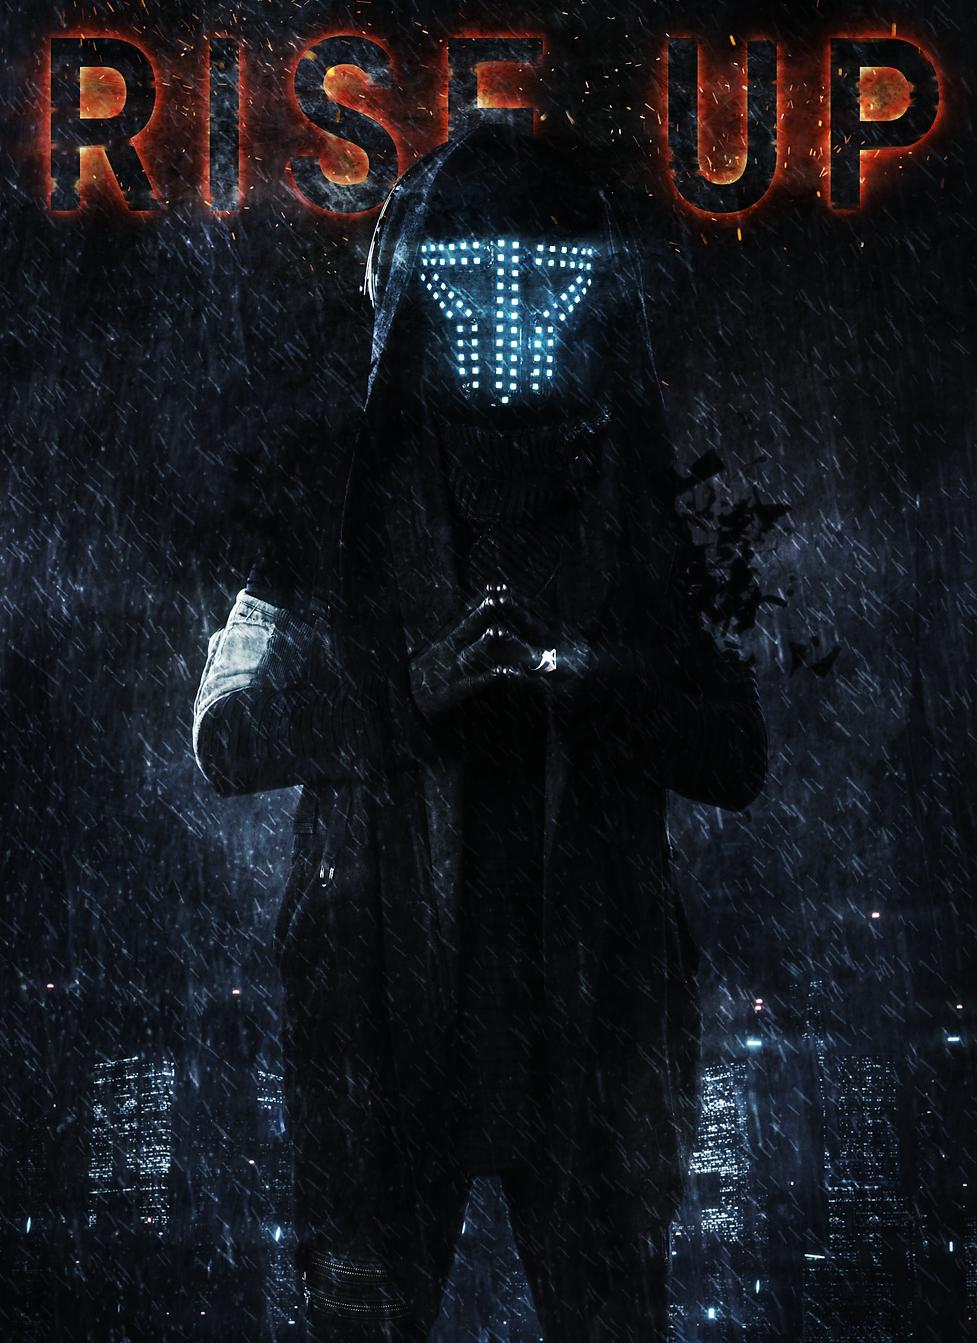 SIP_RISEUP_Omslag_MASTER_PNG_Poster (1).